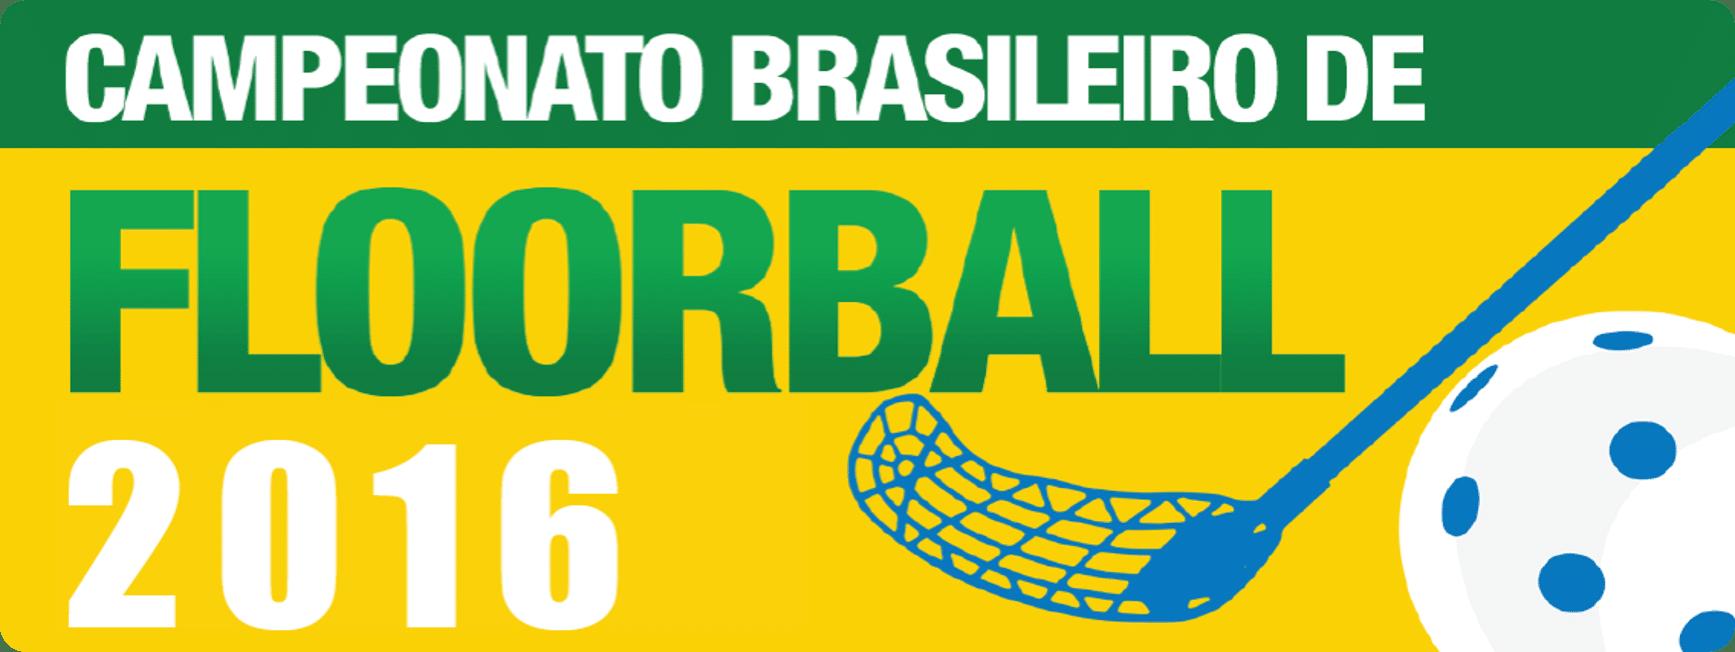 Times de Floorball no Brasil – Floorball Brasil – ABF 872c0456db21d